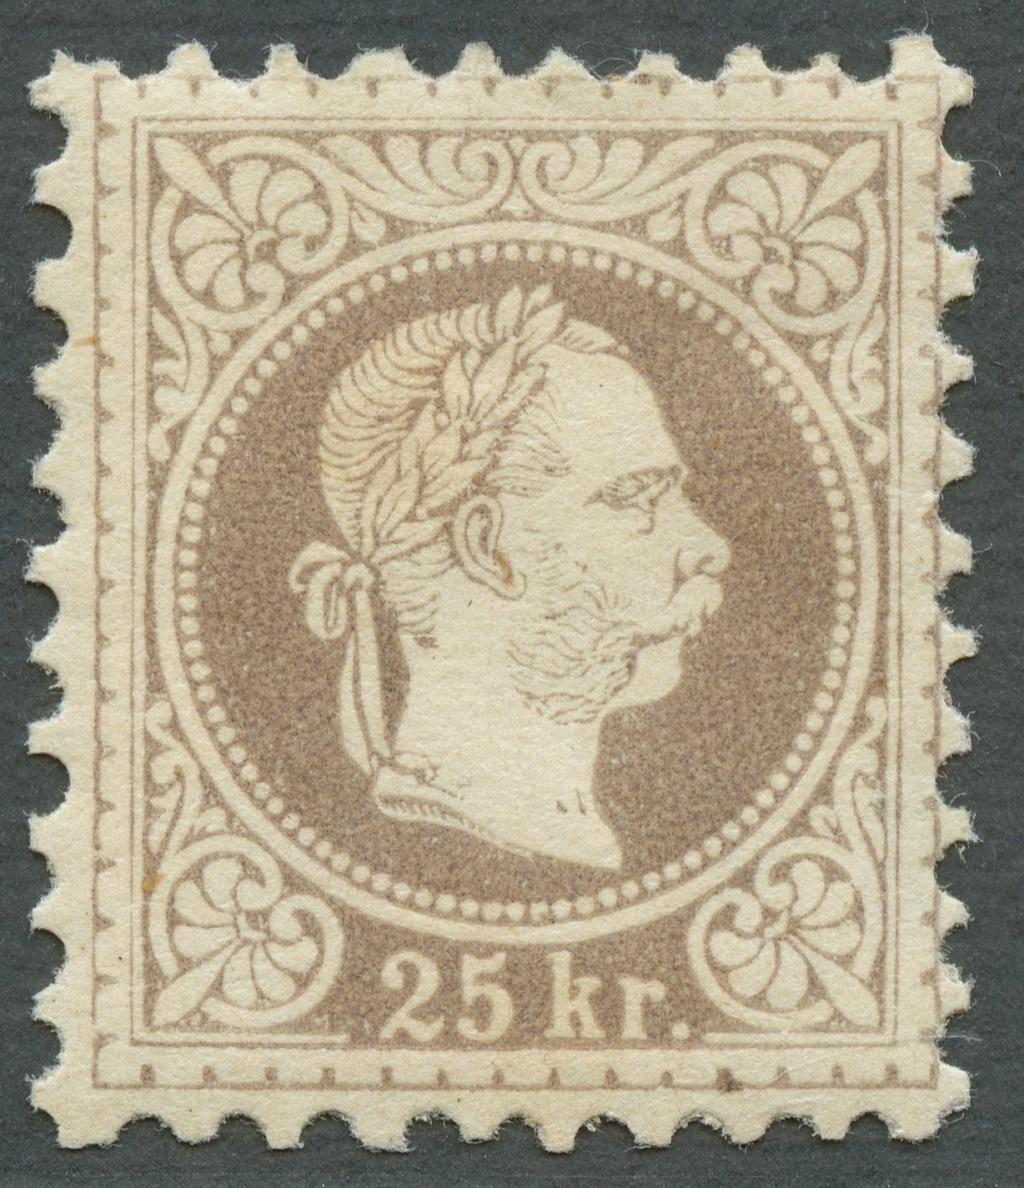 ungarn - Freimarken-Ausgabe 1867 : Kopfbildnis Kaiser Franz Joseph I - Seite 22 Ank_4011